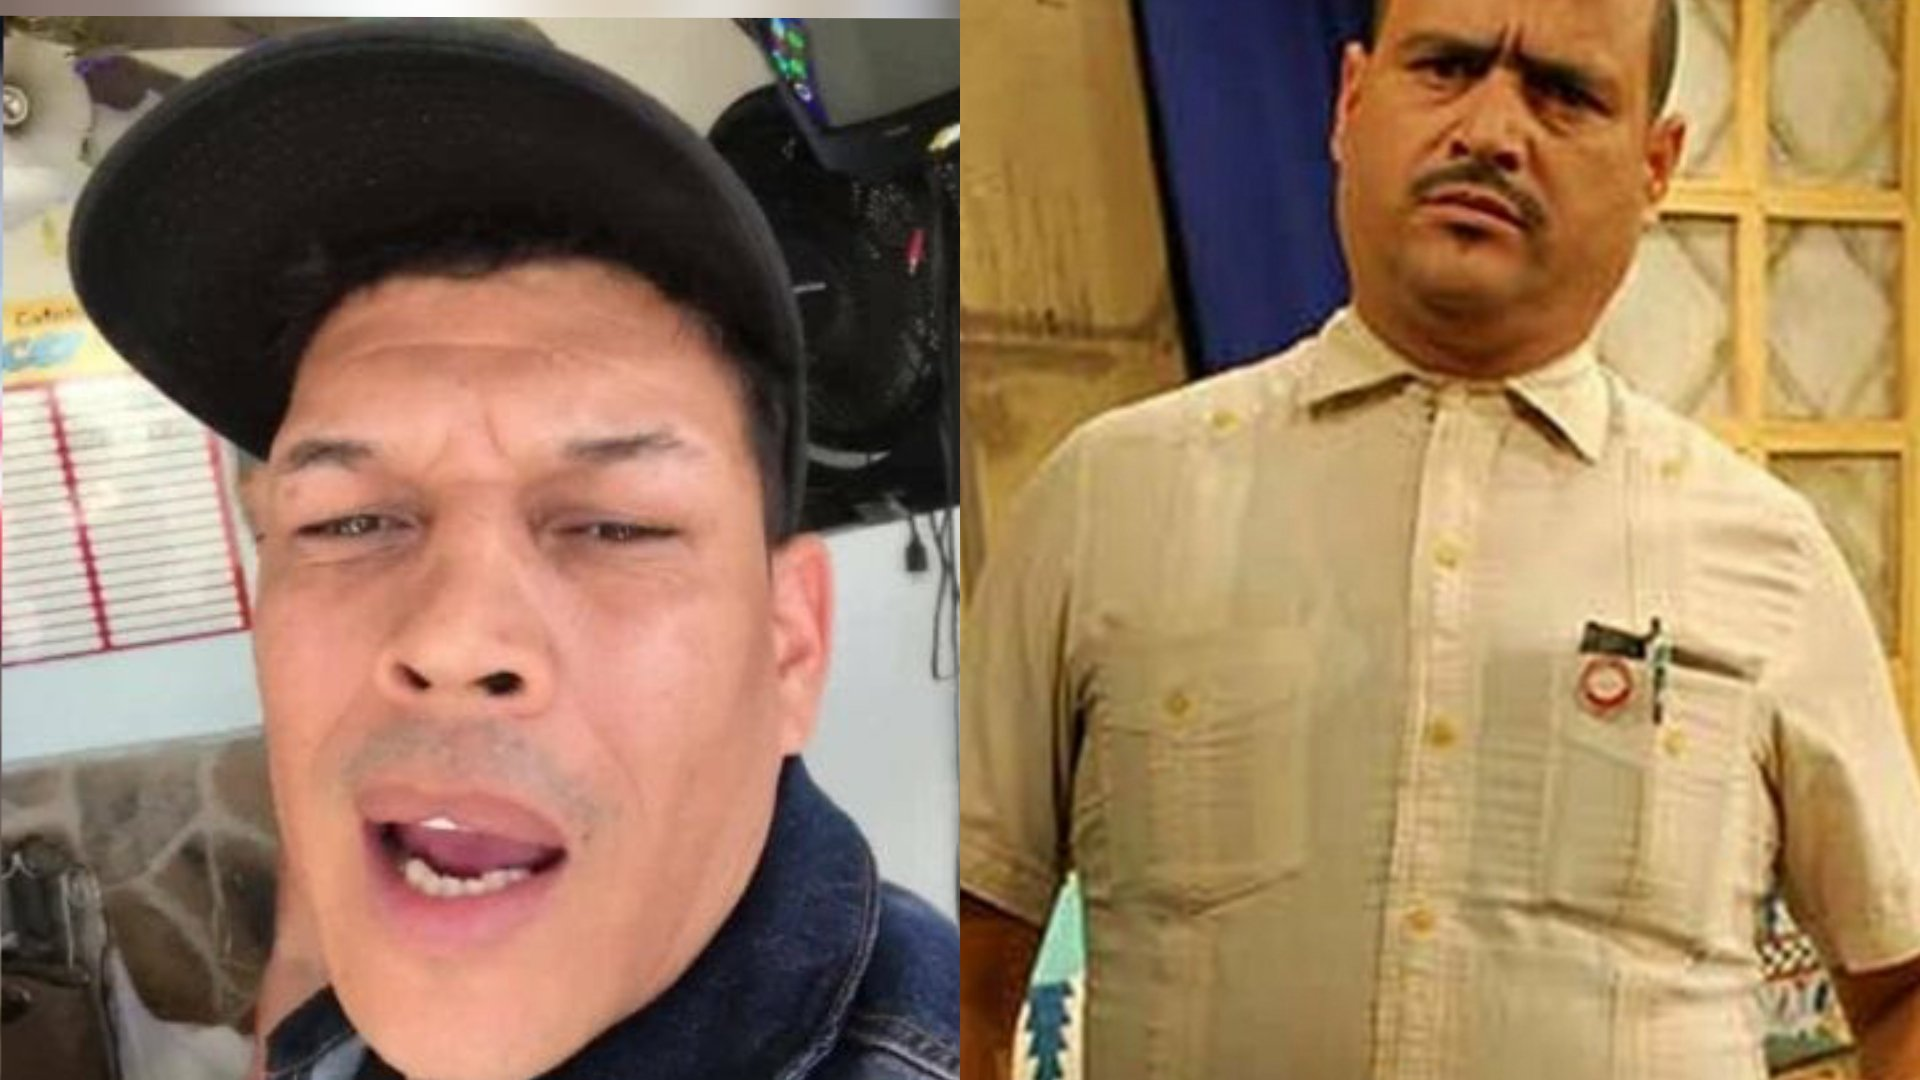 Limay Blanco envía mensaje de apoyo y solidaridad para Andy Vázquez (COLLAGE: Limay Blanco Facebook/Vivir de Cuento)